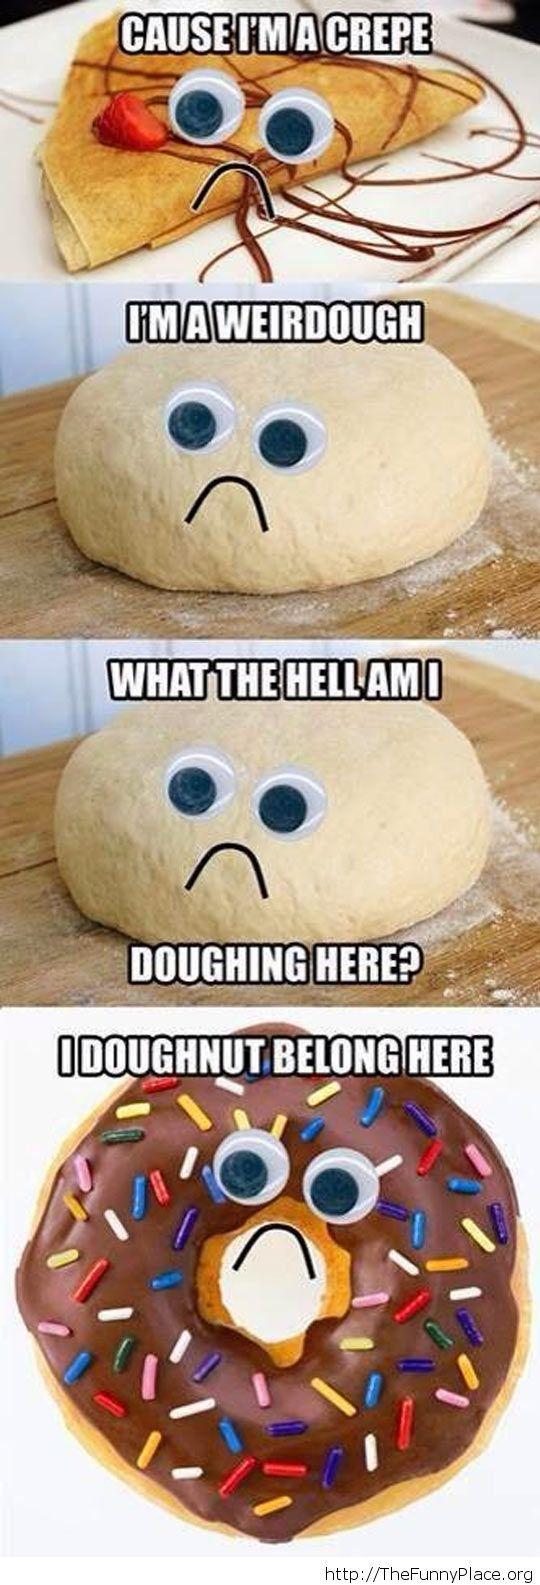 Funny donut joke